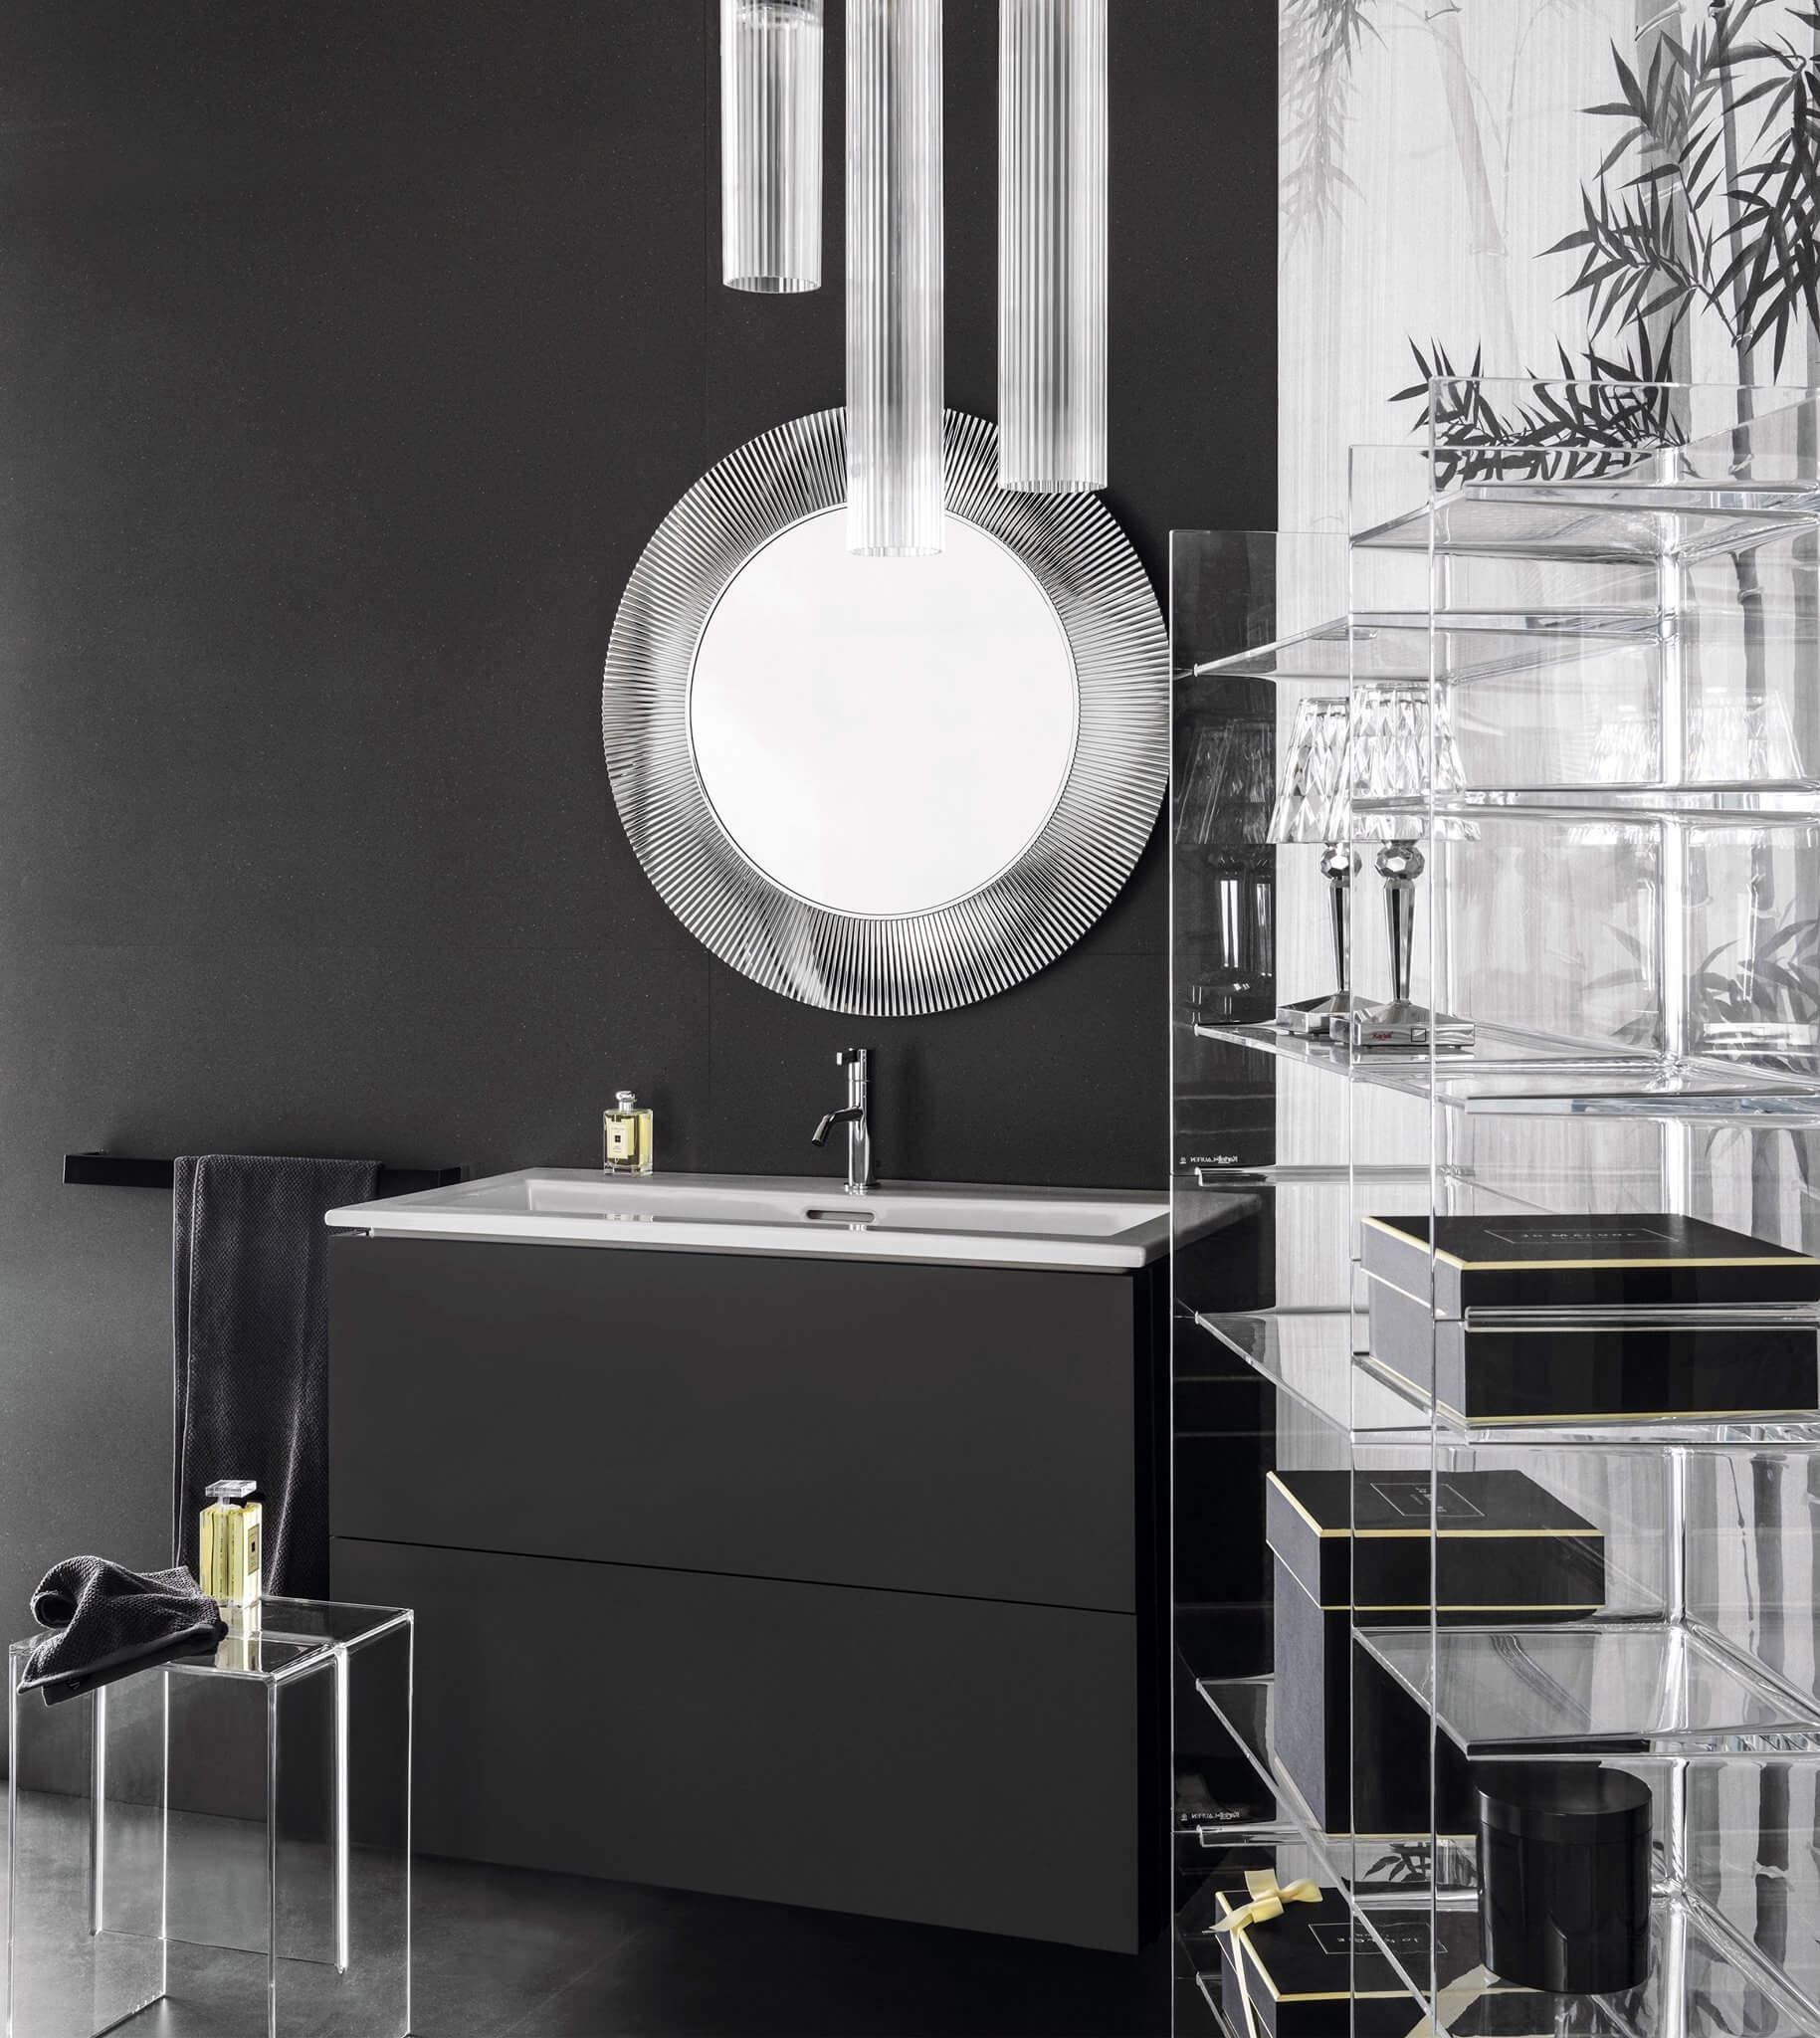 Zur ISH 2017 präsentiert Kartell by Laufen eine erweiterte Kollektion. Die neuen eleganten Waschtisch-Unterbau-Kombinationen mit schmaler Keramik, Waschtische in verschiedenen Breiten mit Standard-Ablauf, verschiedene Dekore für den bodenstehenden Waschtisch, weitere Möbelelemente, eine spülrandlose Stand-WC-Kombination und eine freistehende Badewanne sowie spezielle Oberflächen und neue Farben bei den Kunststoffobjekten machen das Gesamtbadprojekt noch flexibler einsetzbar und interpretieren den Badraum auf eigenständige und einzigartige Weise.